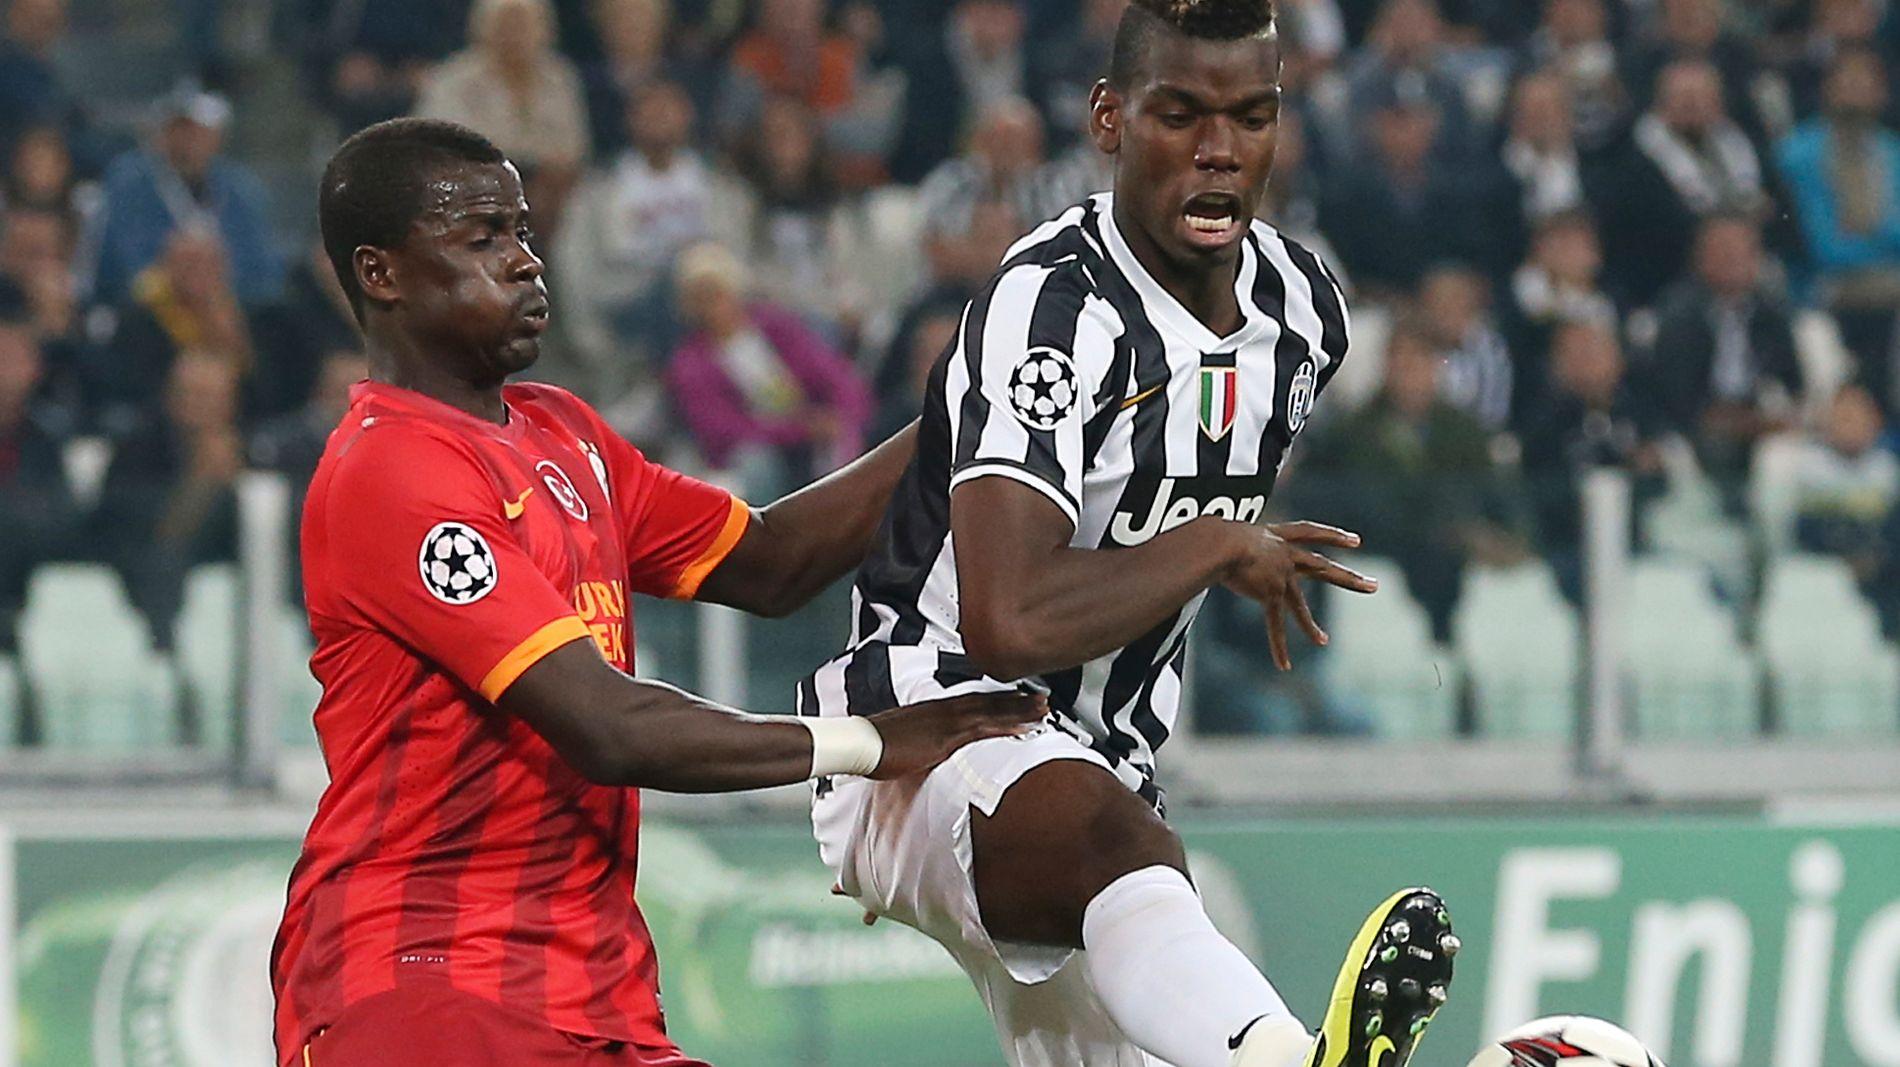 HAR STORE PROBLEMER: Emmanuel Eboue, her i aksjon for Galatasaray mot Juventus og Paul Pogba i 2013, får tilbud om trenerjobb i sin gamle klubb.